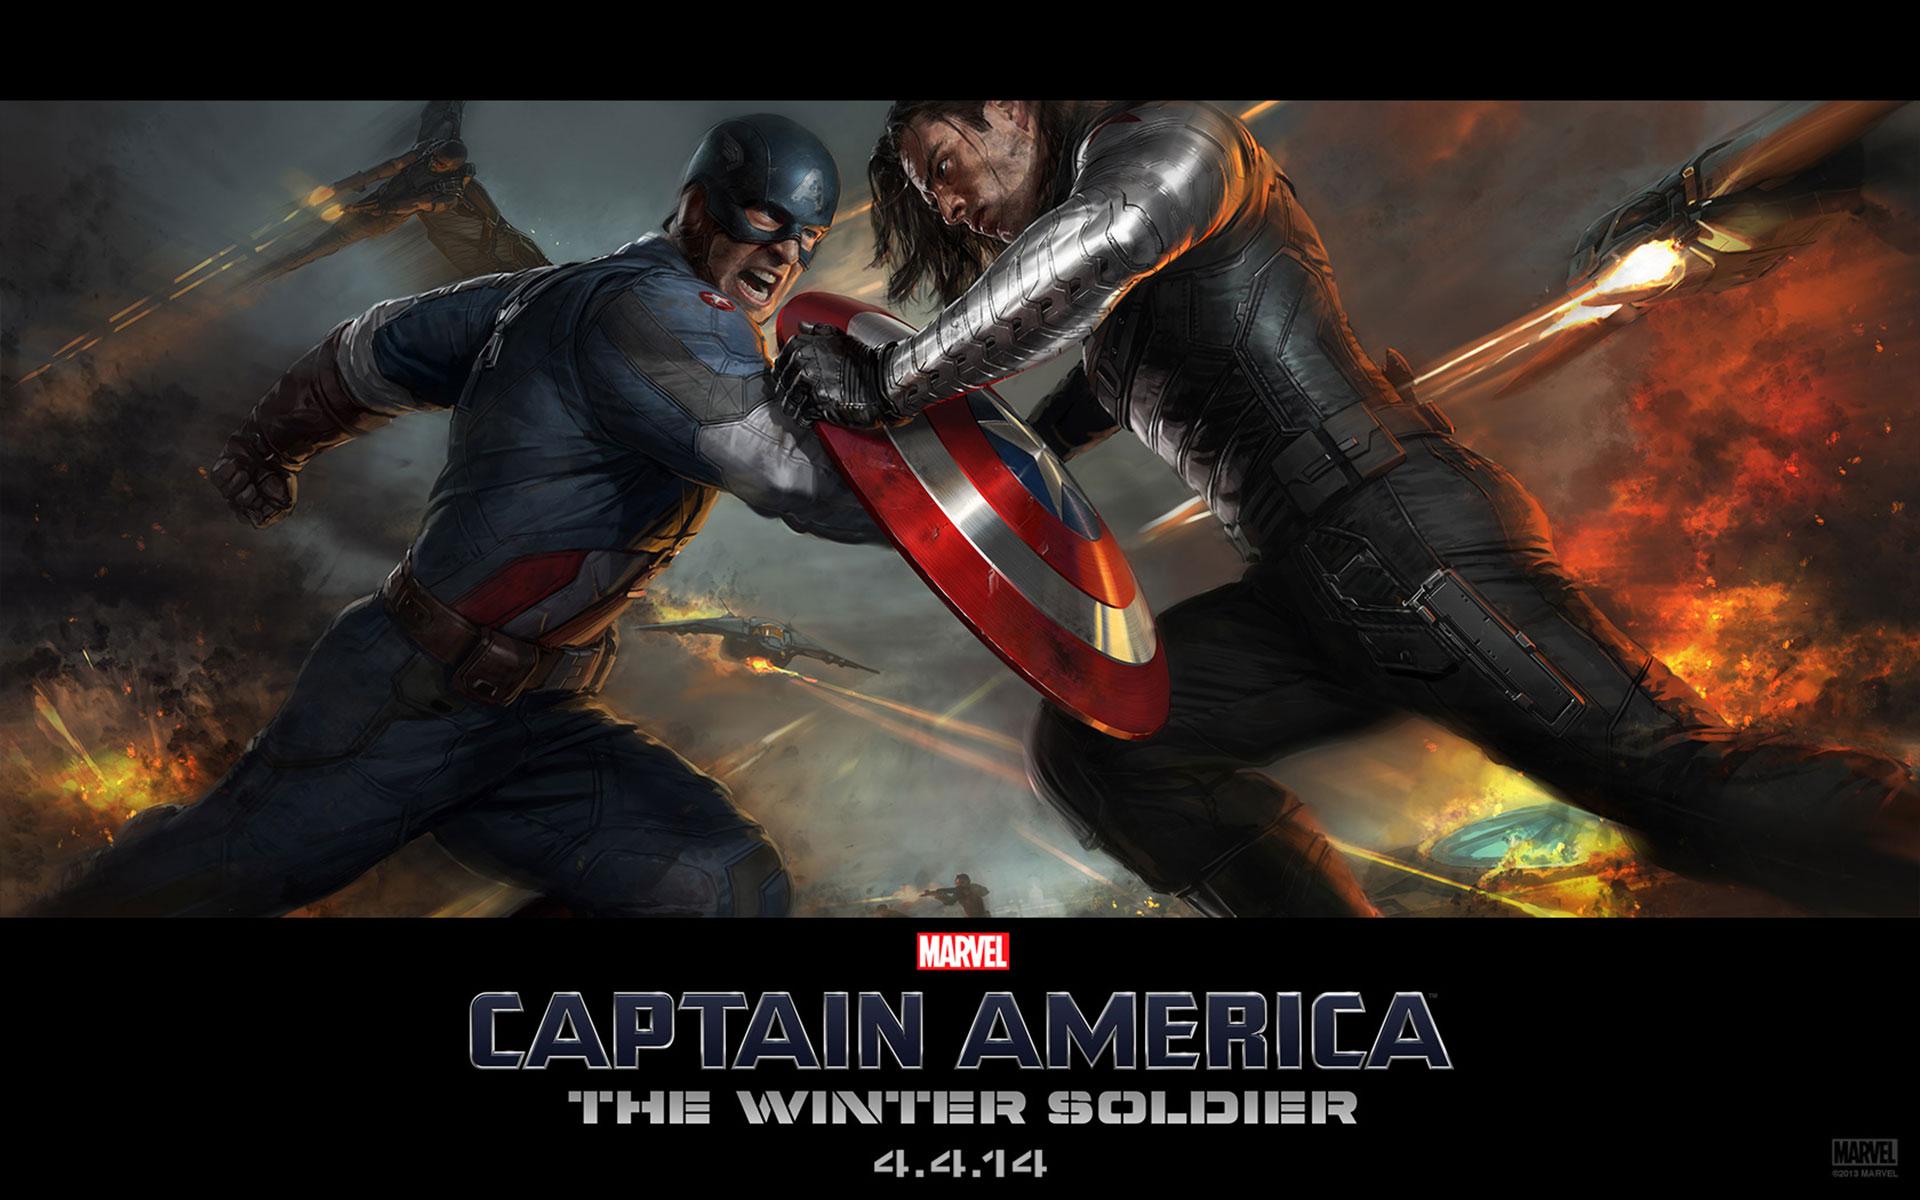 Captain America The Winter Soldier Villain Desktop Backgrounds 1920x1200